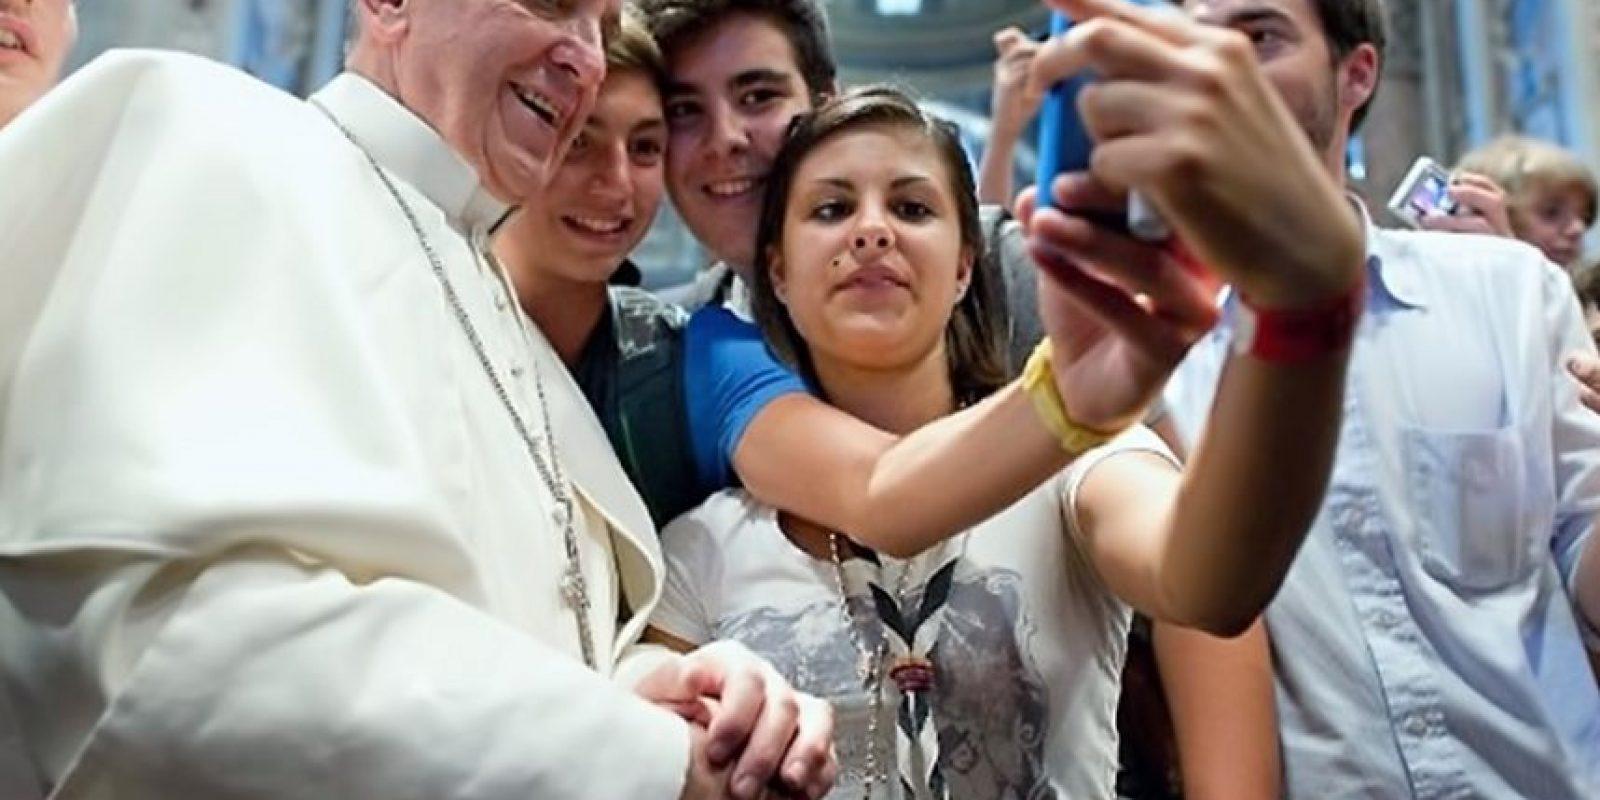 Papa tecnológico. Francisco es un pontífice a tono con los tiempos. Este fue el primer selfie de un Papa del que se tenga noticia, tomado en la iglesia de San Agustín, en Roma, con un grupo de jóvenes católicos italianos el 28 de agosto de 2013.